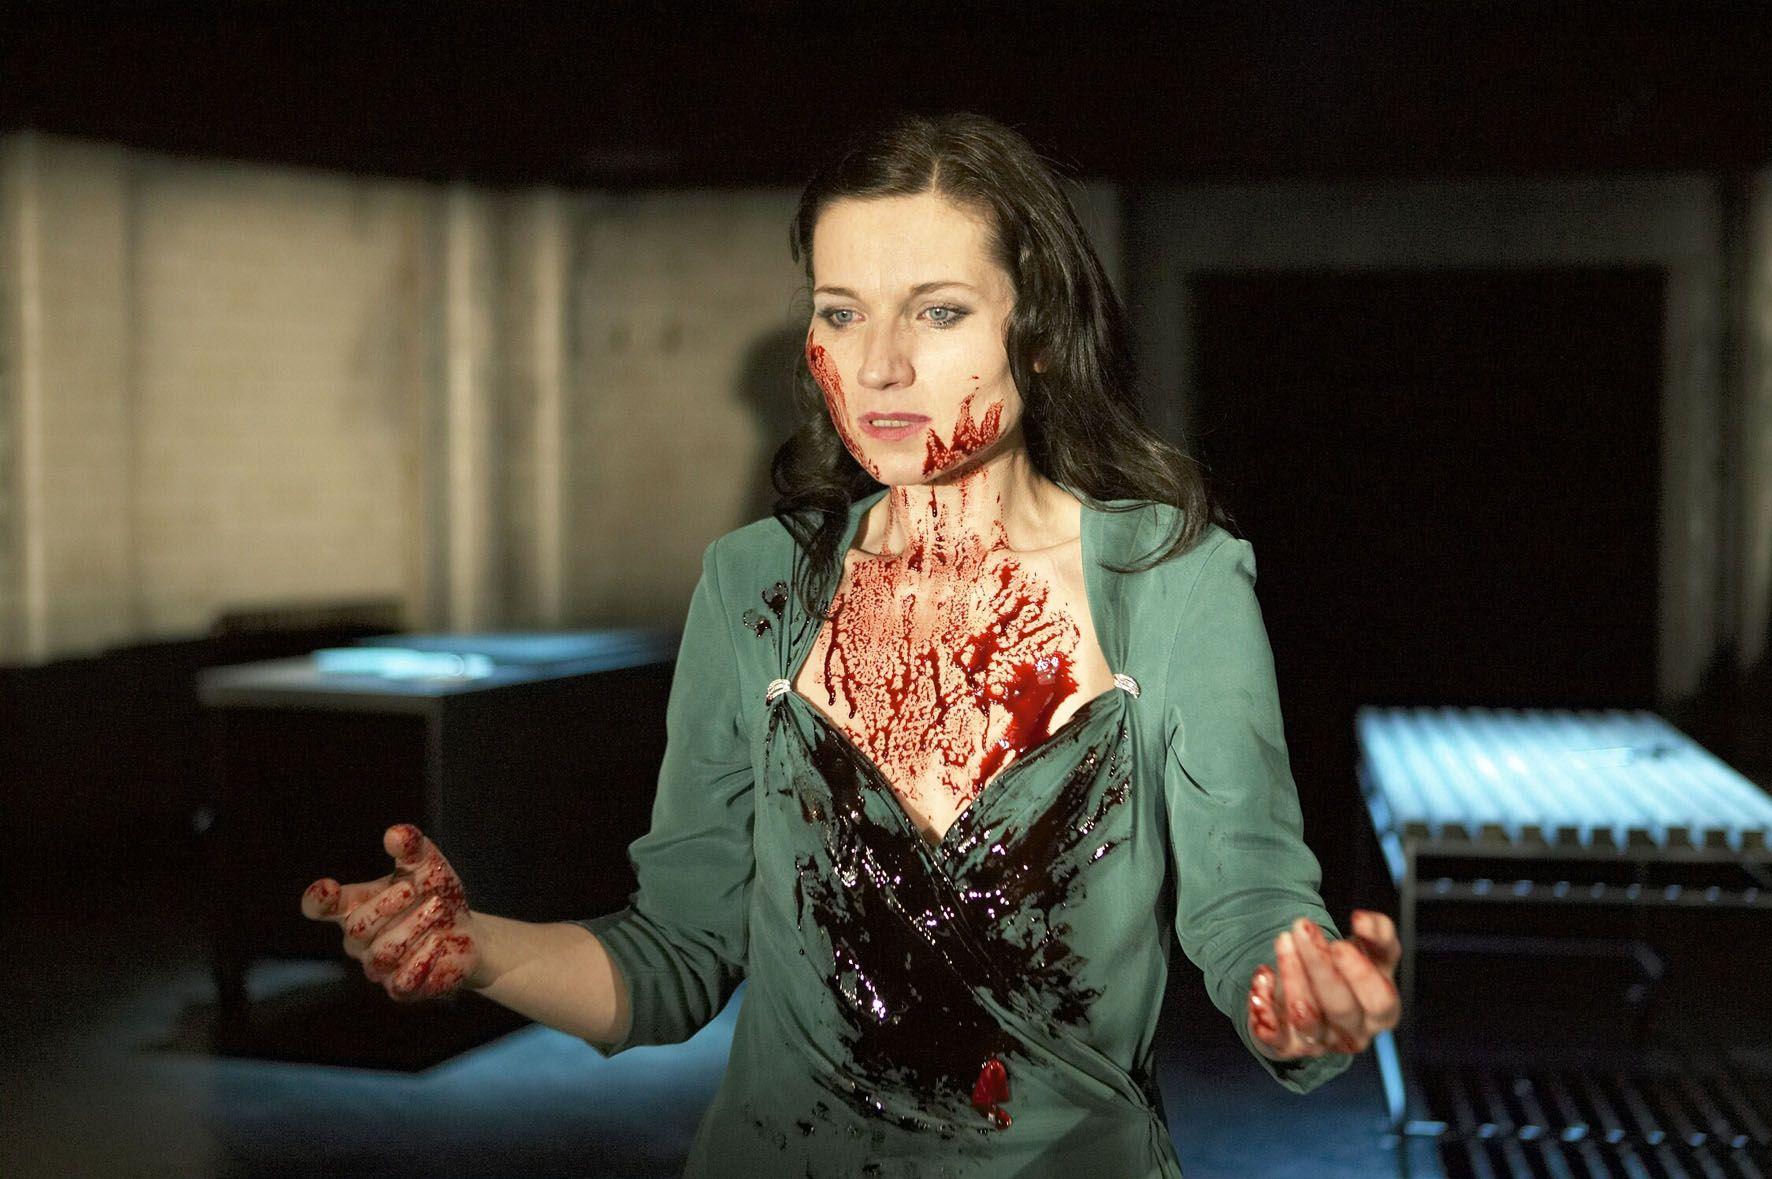 Is lady macbeth a sociopath?